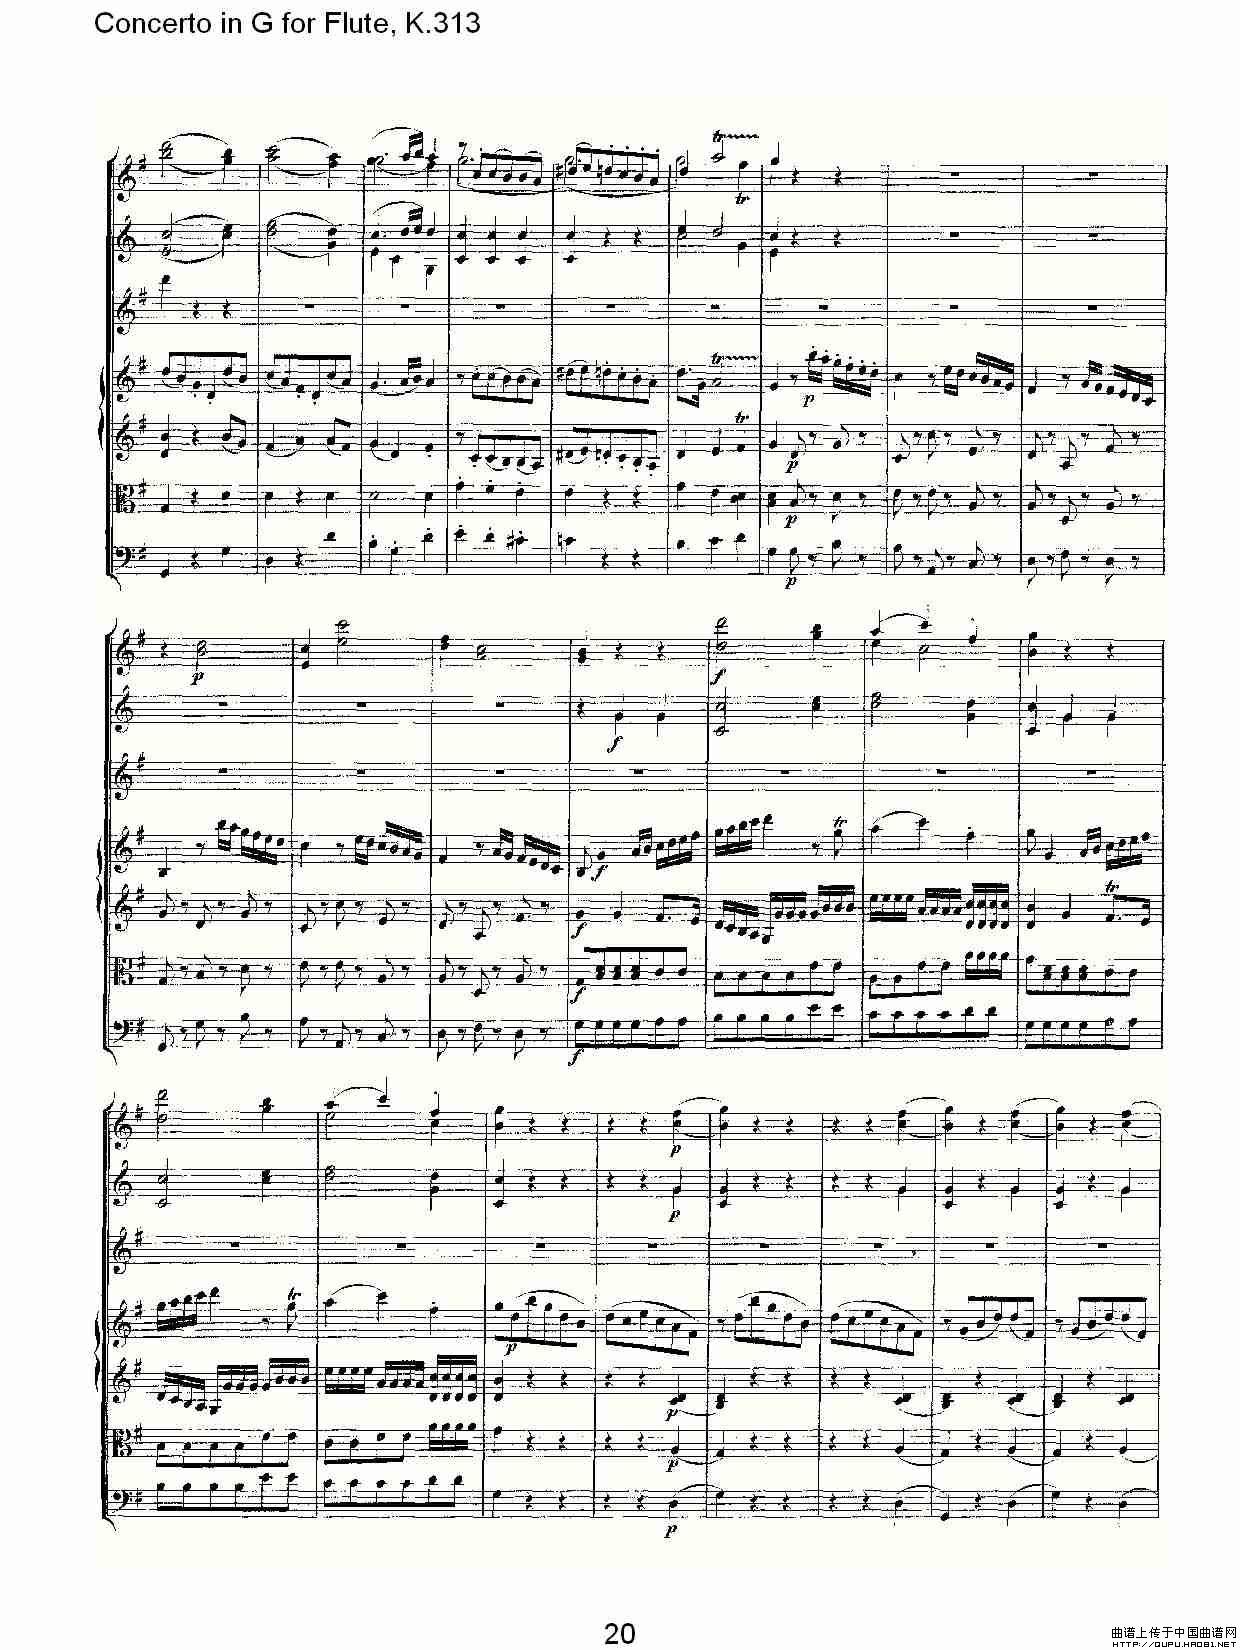 K.313长笛谱 G调长笛协奏曲, K.313 器乐乐谱 中国曲谱网